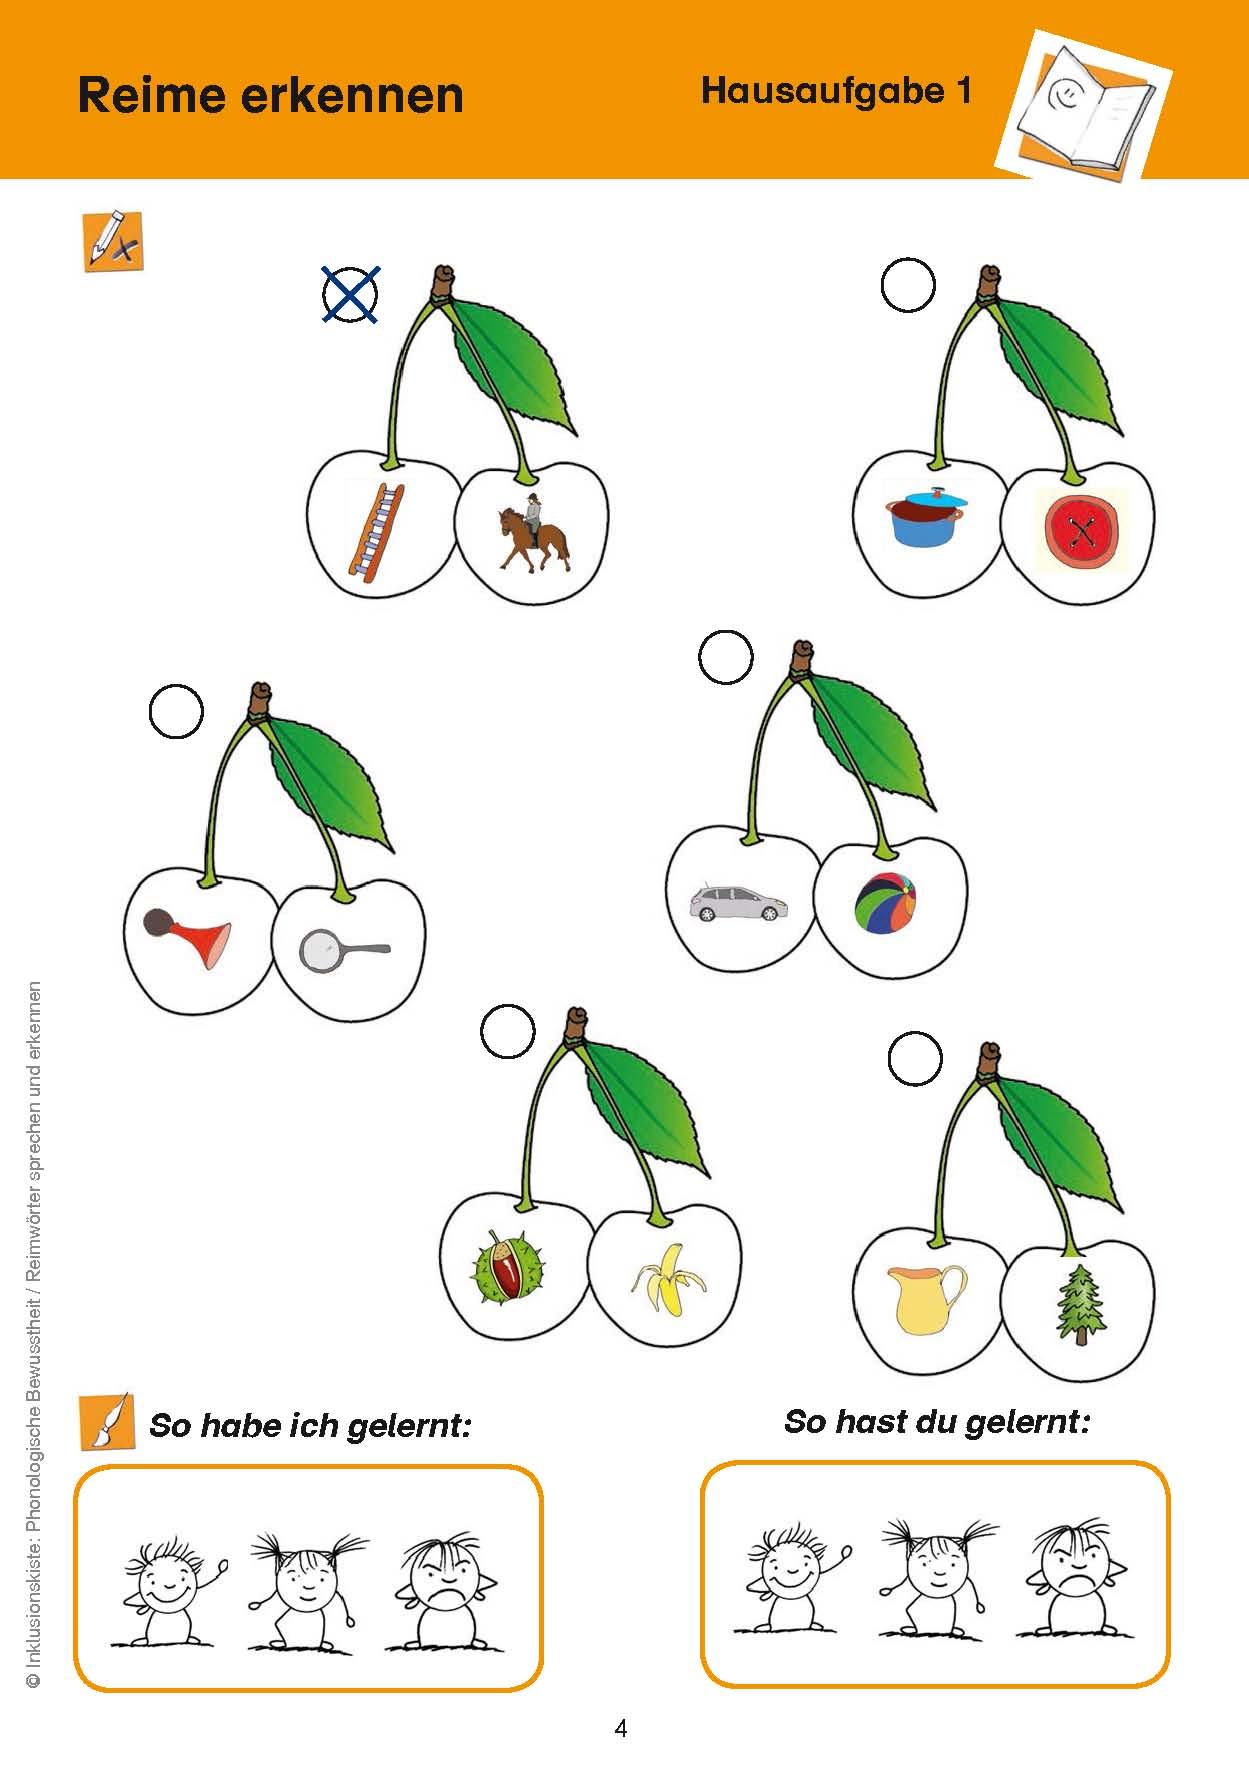 Inklusionskiste 1 - Phonologische Bewusstheit: Reimwörter sprechen ...